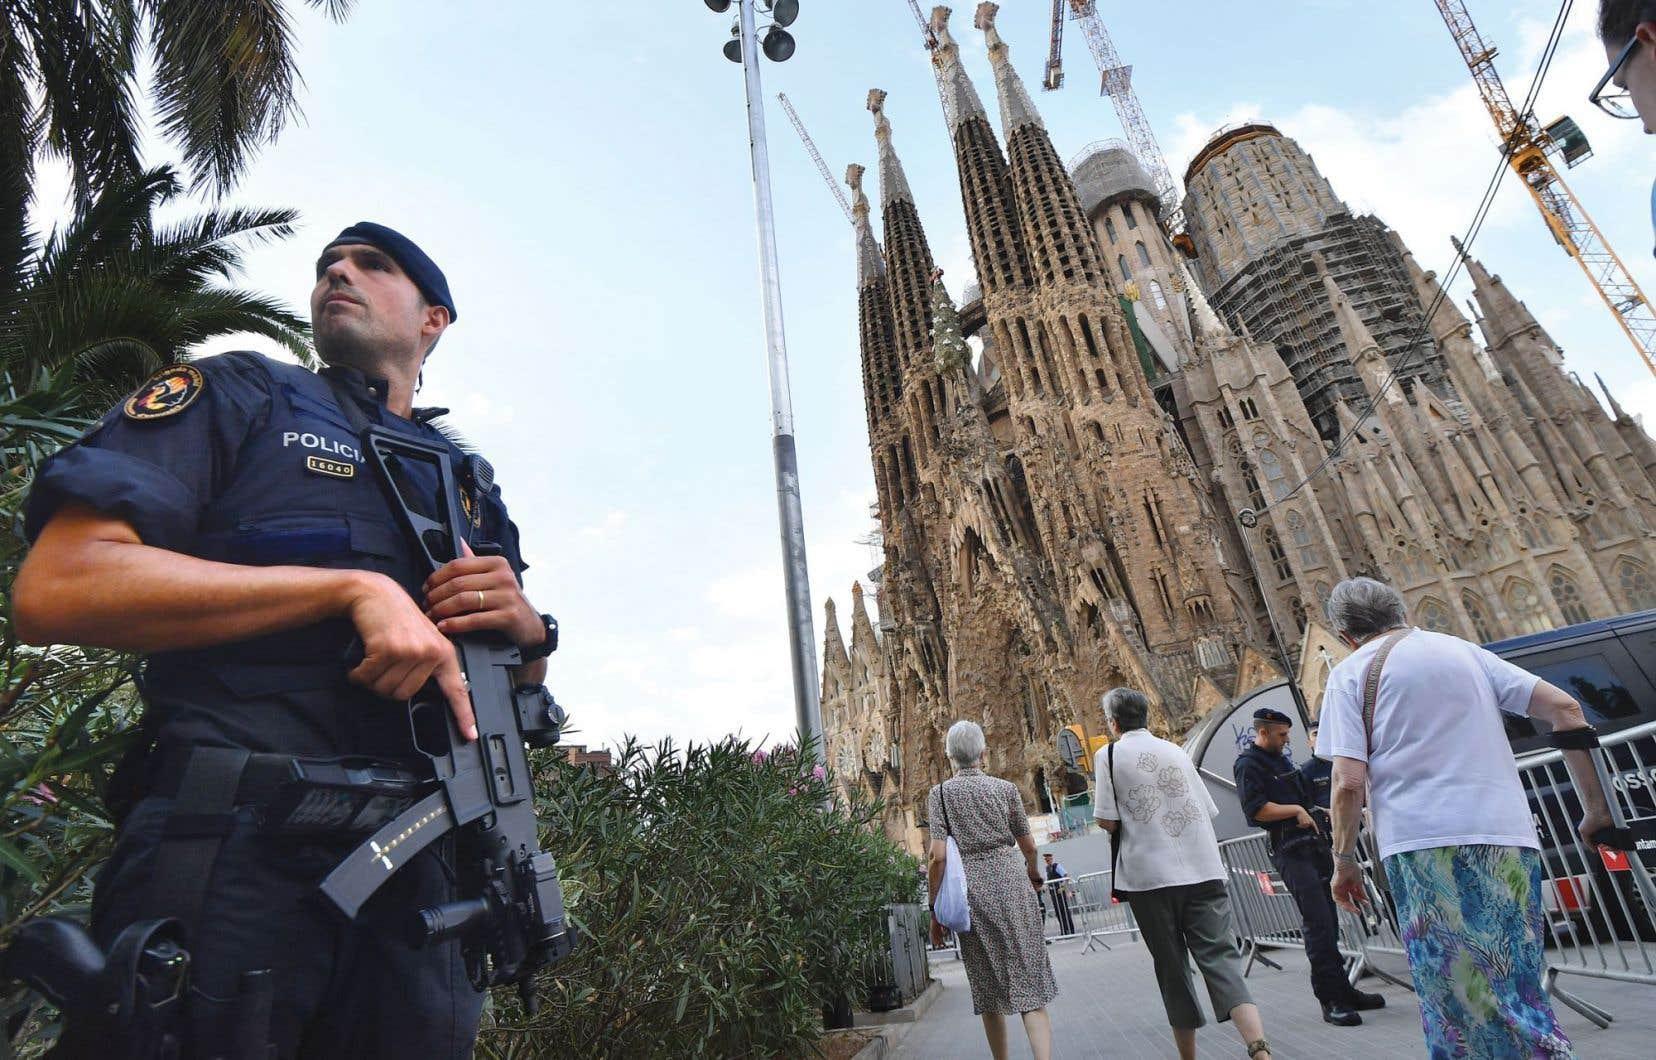 Près de 2000 personnes ont assisté à la «messe pour la paix et la concorde» organisée dans l'emblématique basilique de la Sagrada Familia à Barcelone, dimanche, sous haute surveillance policière.